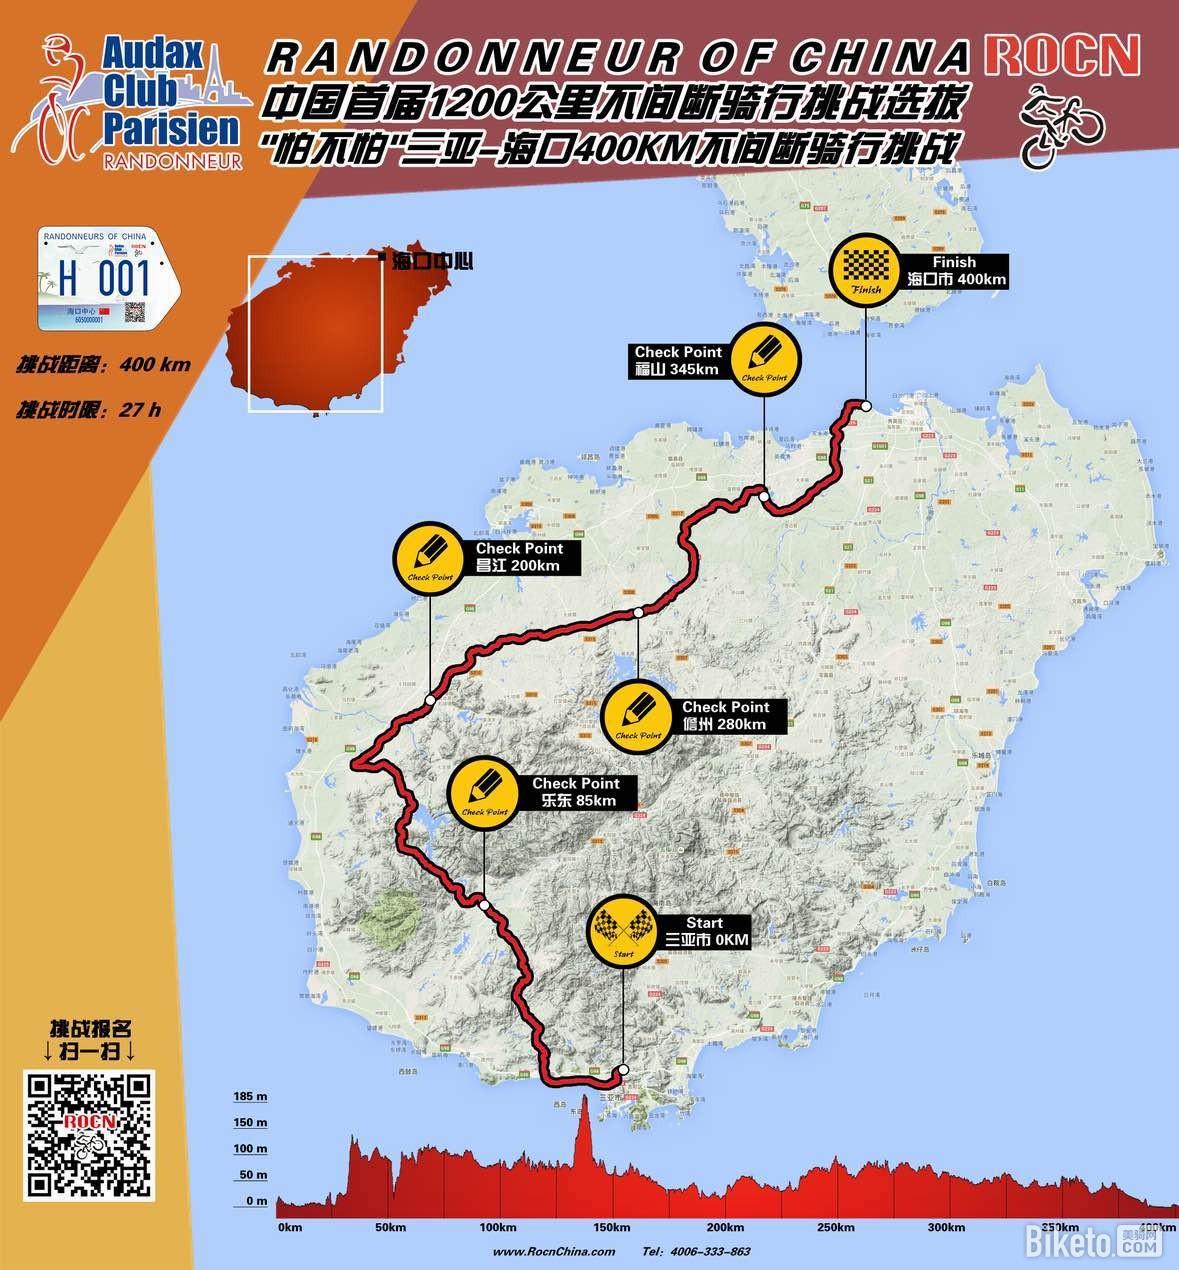 法国pbp西部穿越海南岛400km不间断骑行挑战赛圆满落幕